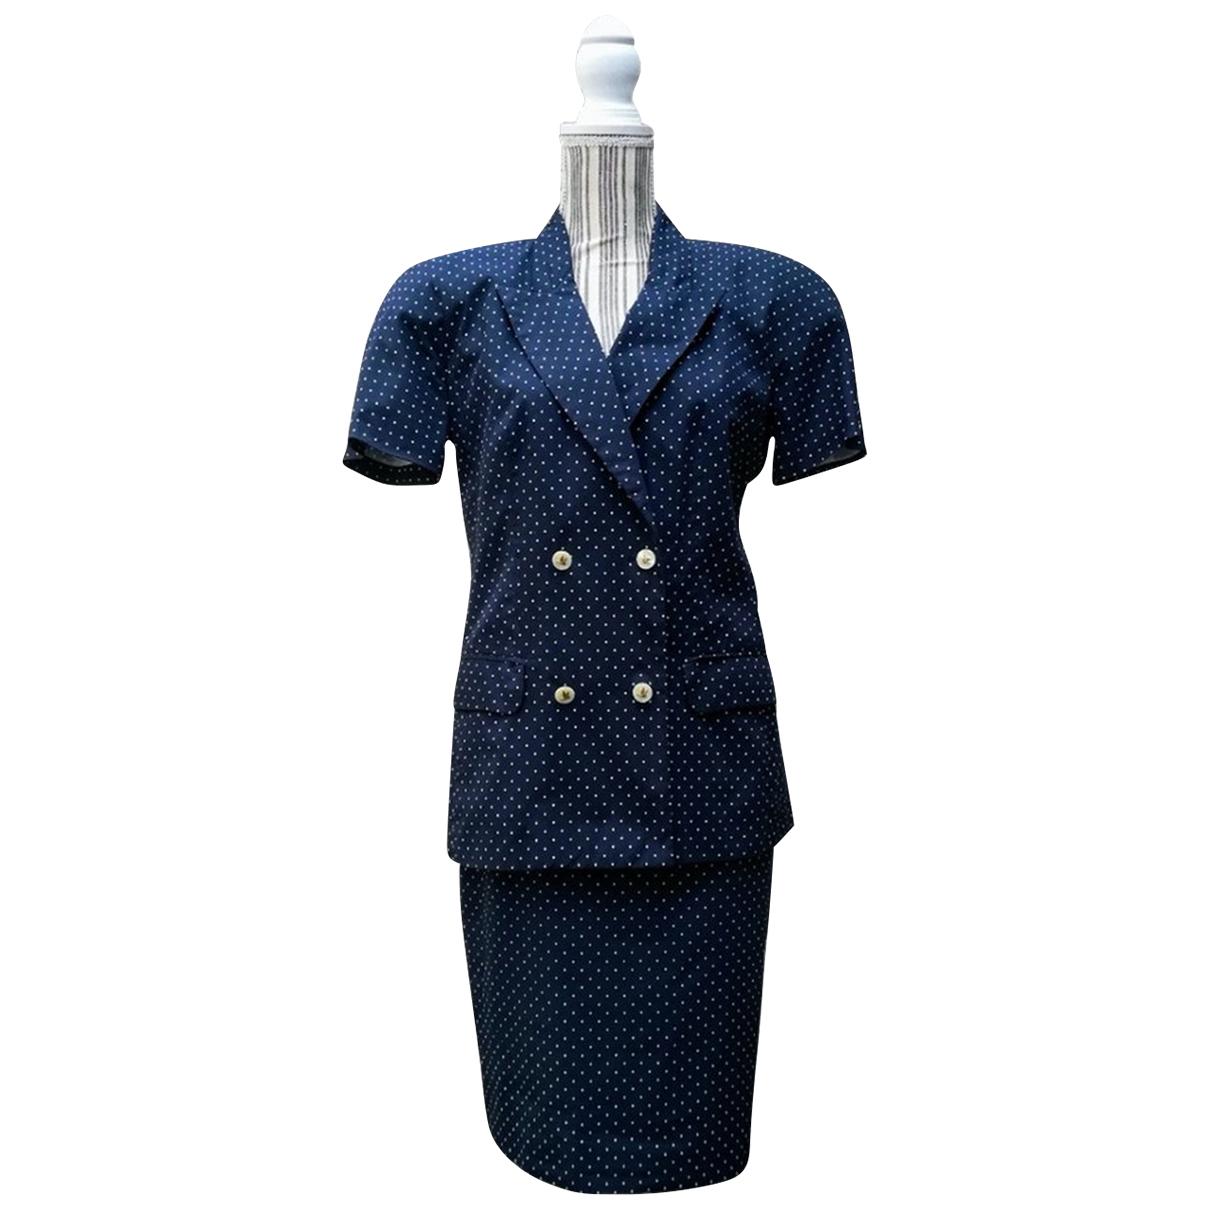 Brooksfield - Veste   pour femme en coton - bleu